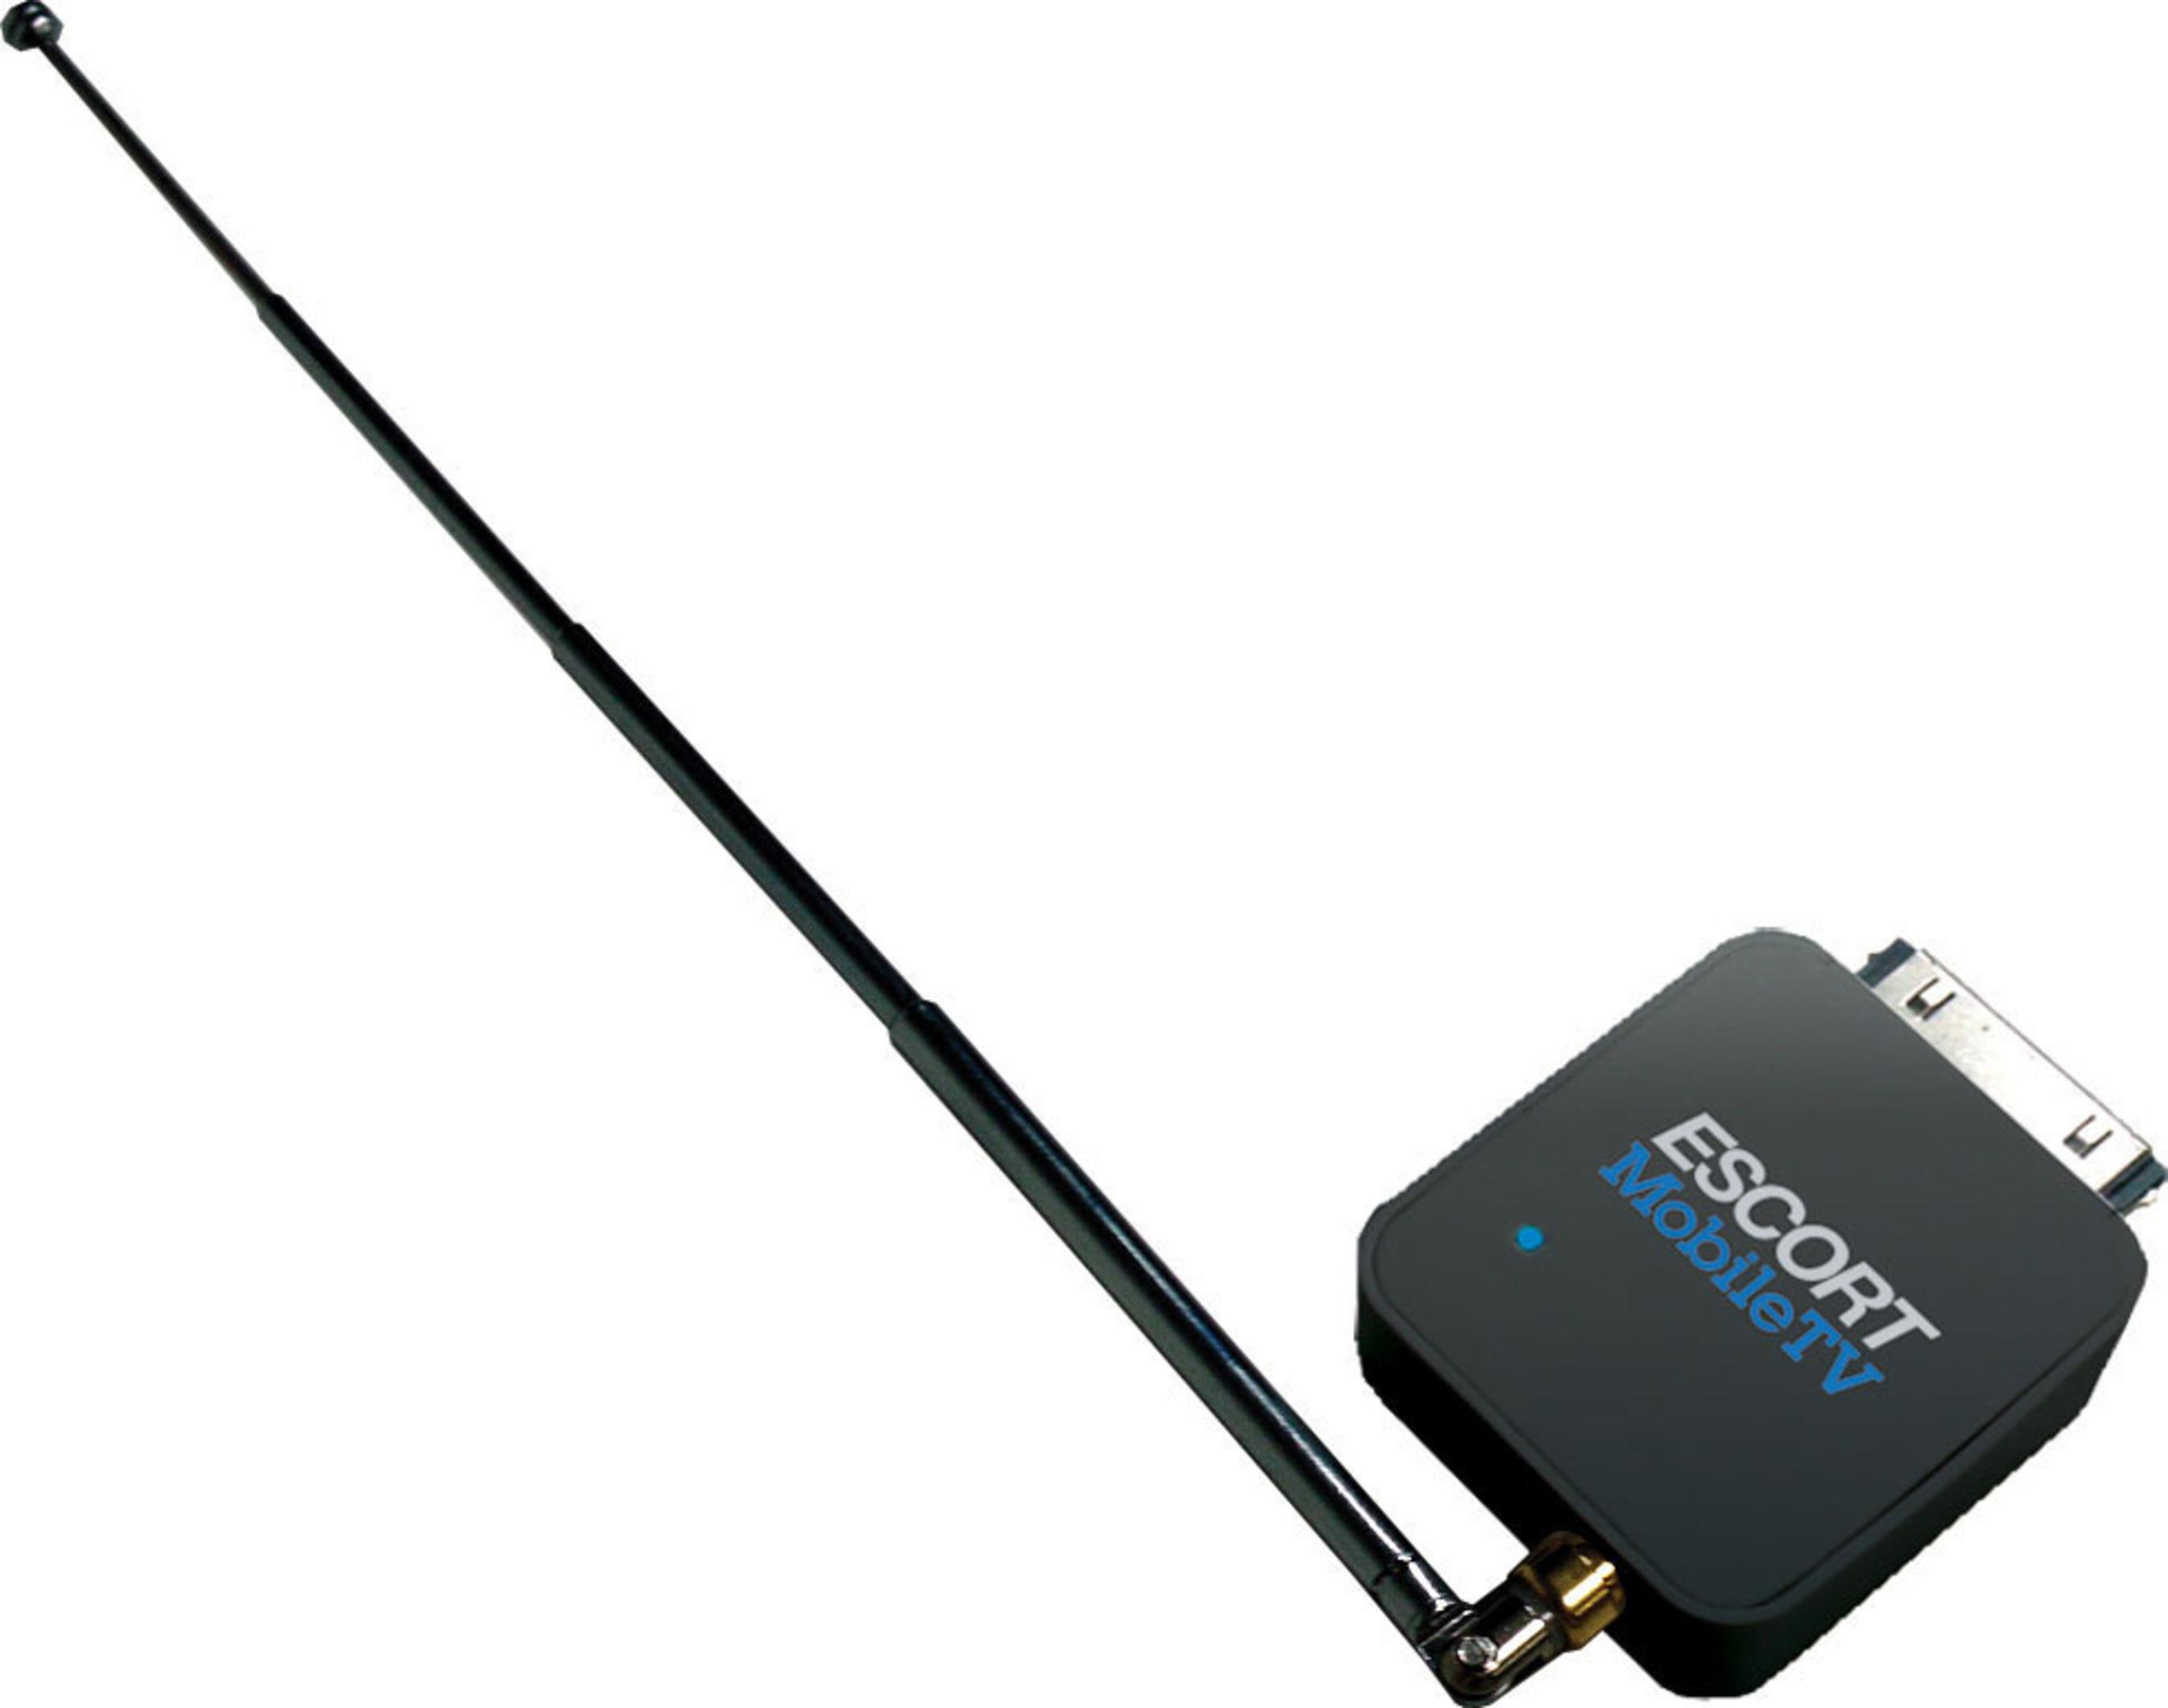 The ESCORT MobileTV Receiver.(PRNewsFoto/ESCORT Inc.; Dyle Mobile TV)